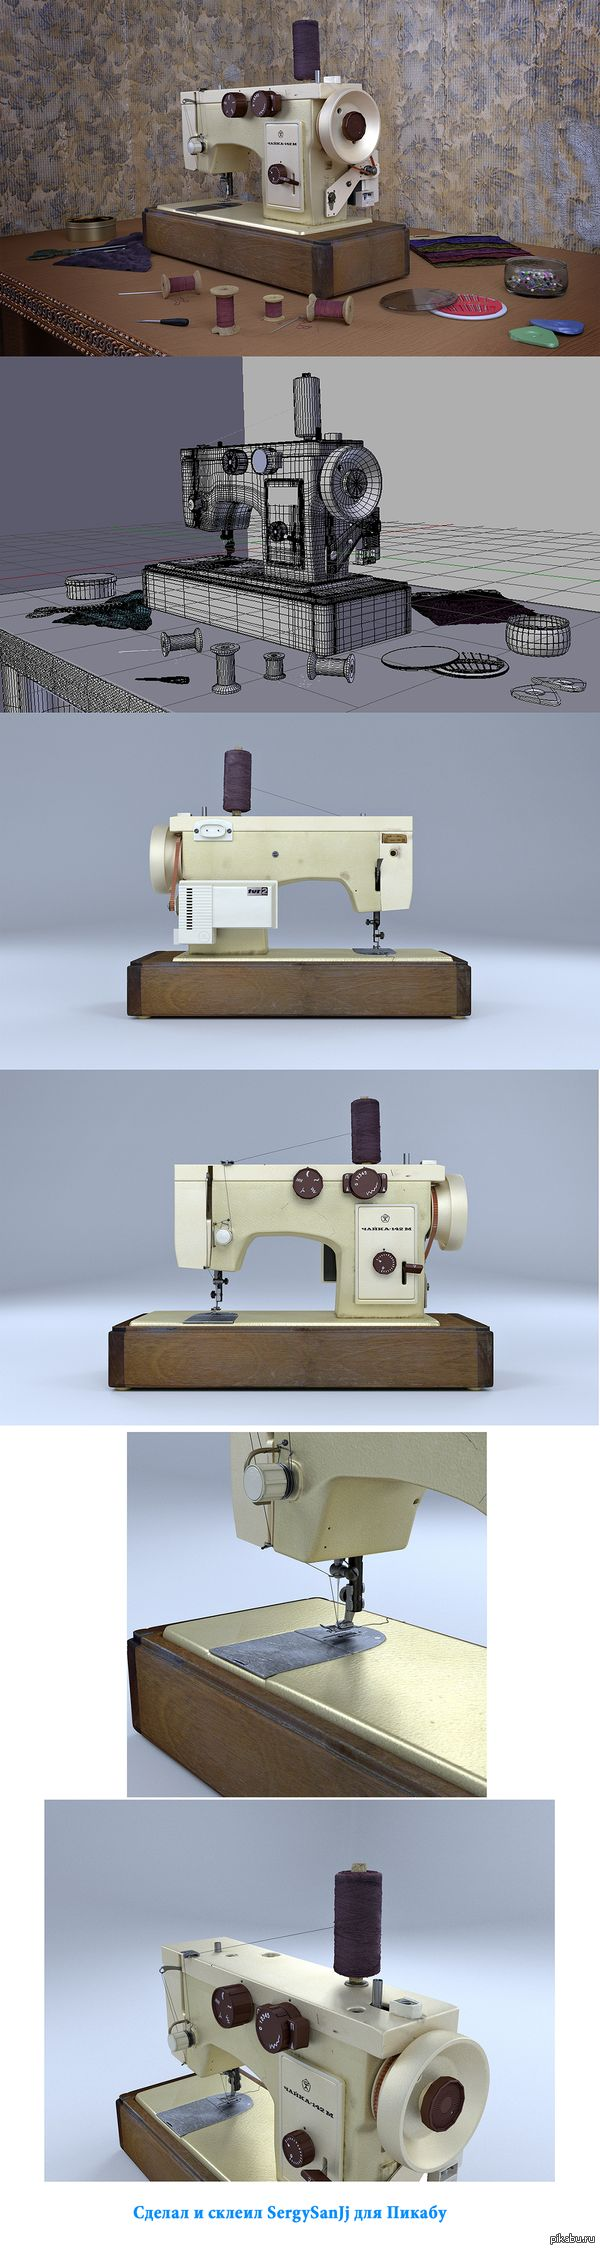 """В честь пятничного моё. Моя работа в Blender """"Чайка 142 М""""   Blender, моё, швейная машинка, 3-D, хобби, длиннопост"""